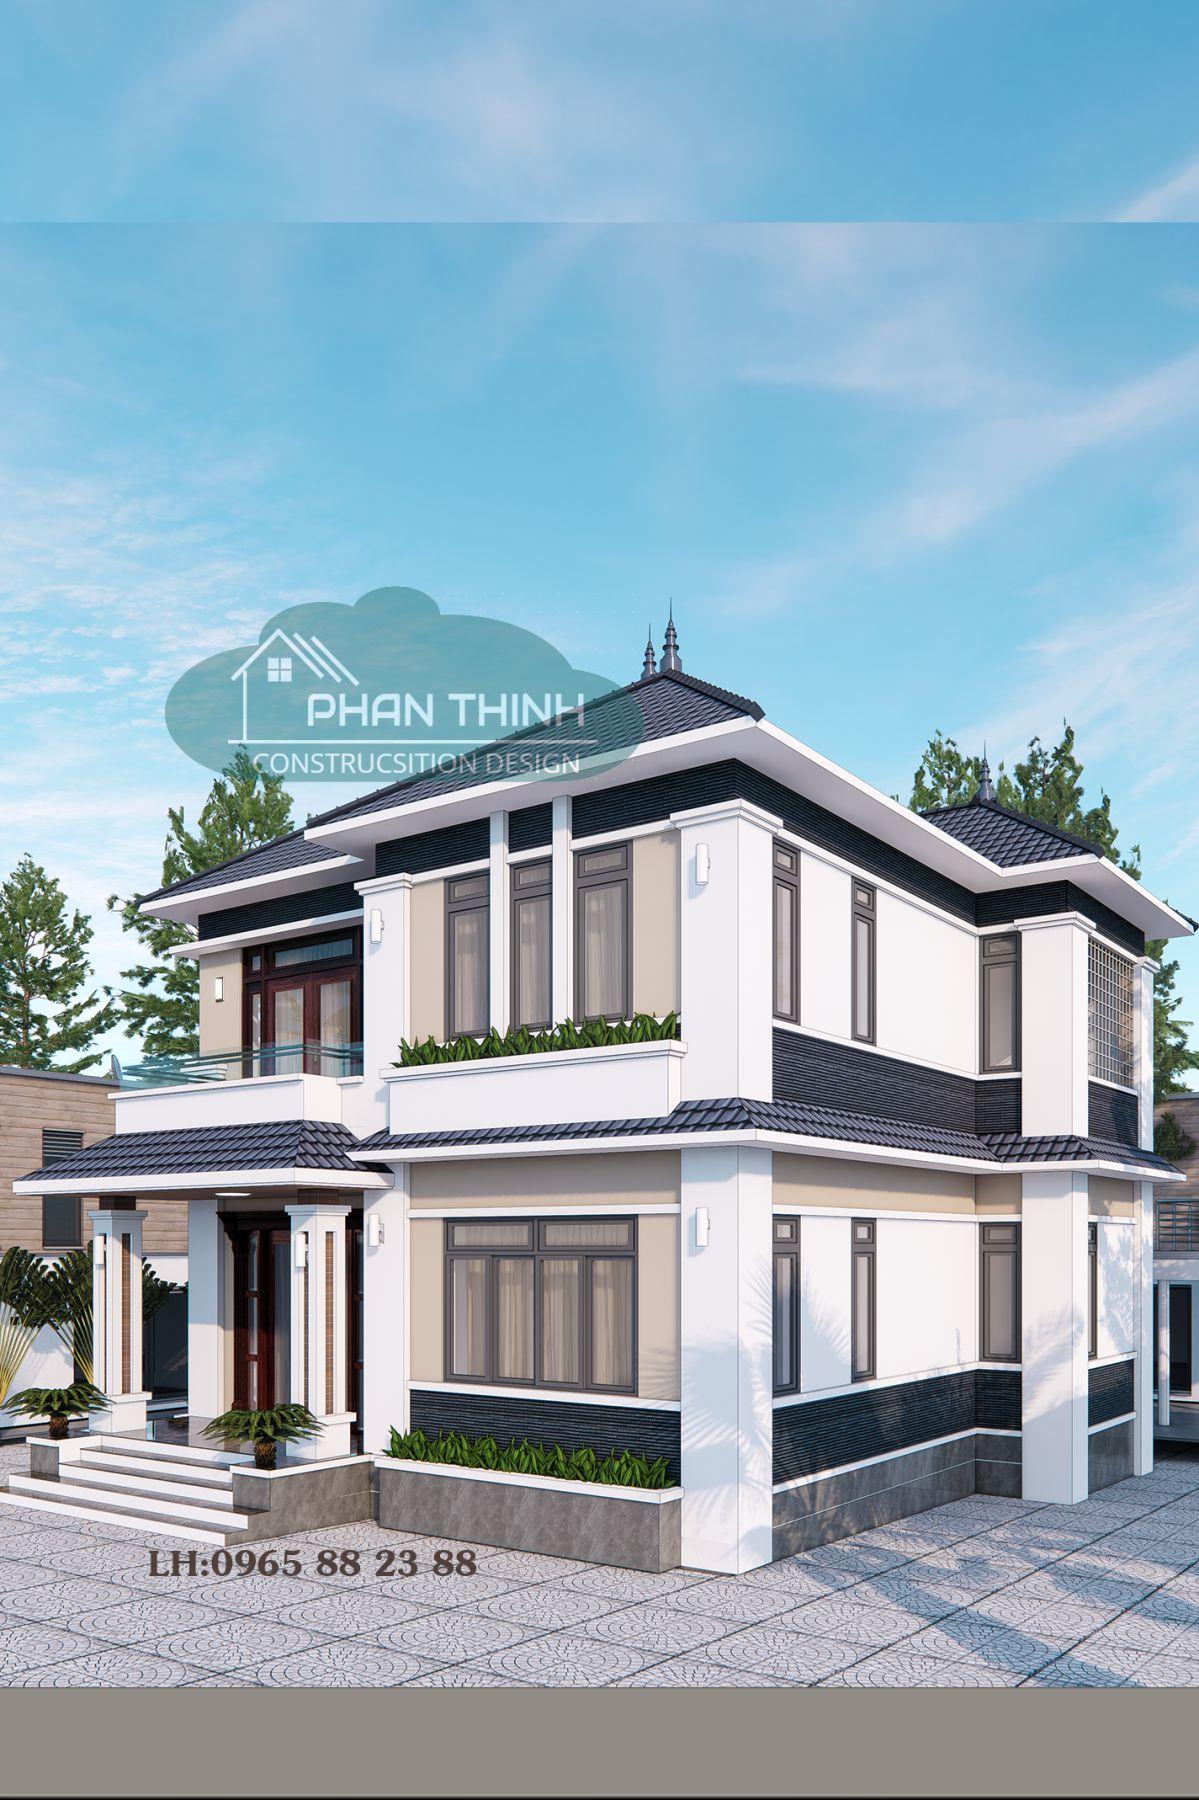 Thiết kế biệt thự tại Quảng Ninh, căn biệt thự 2 tầng mái thái